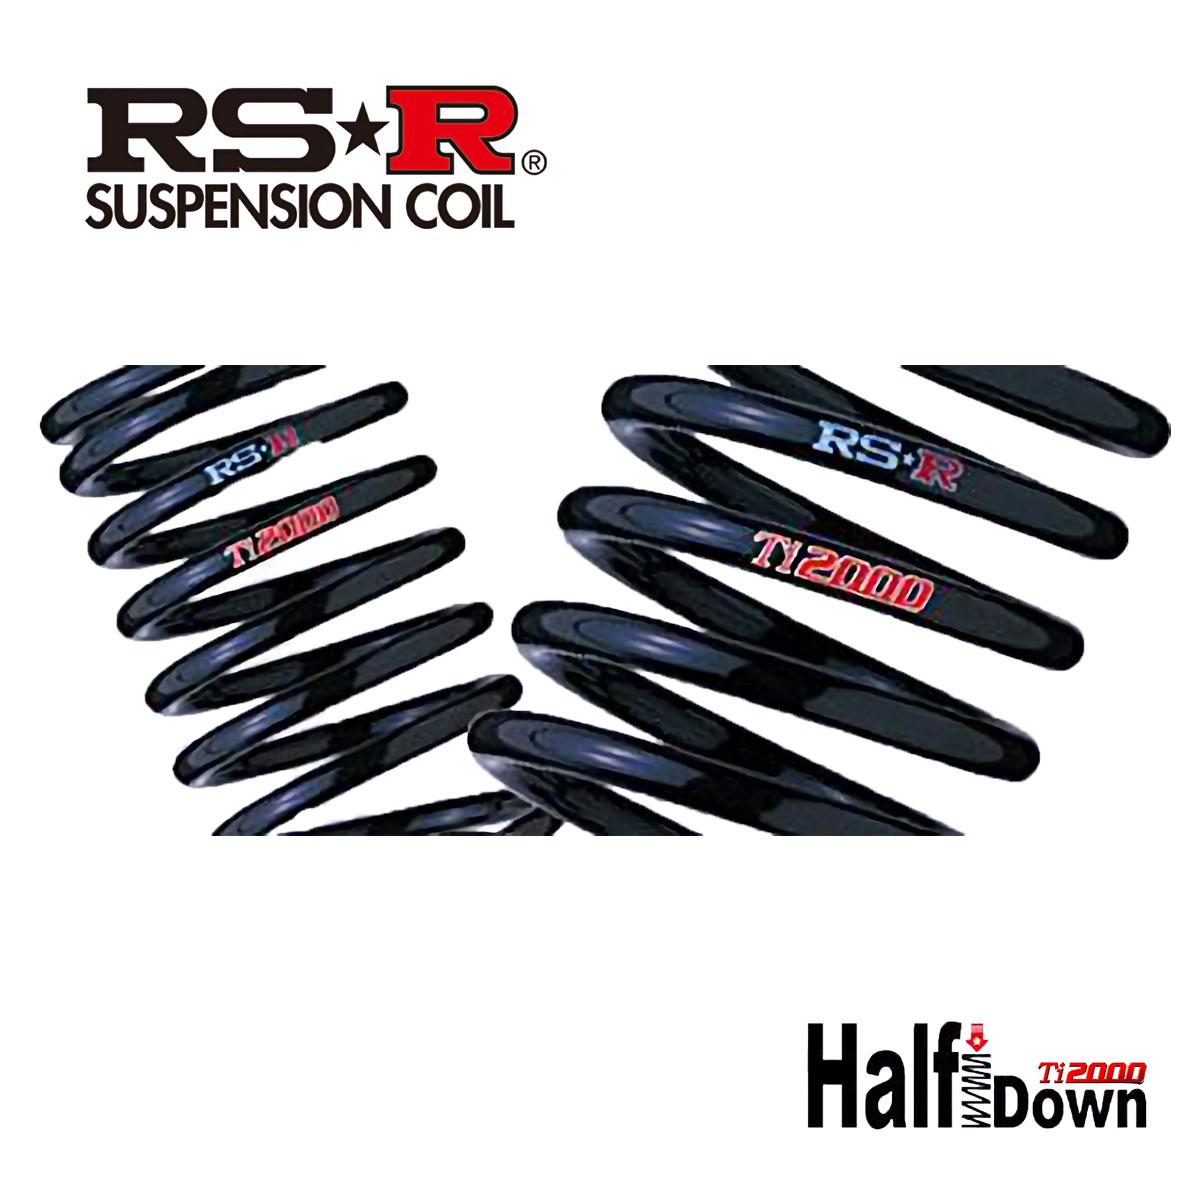 RS-R カローラツーリング ZRE212W S ダウンサス スプリング フロント T813THDF Ti2000 ハーフダウン RSR 個人宅発送追金有